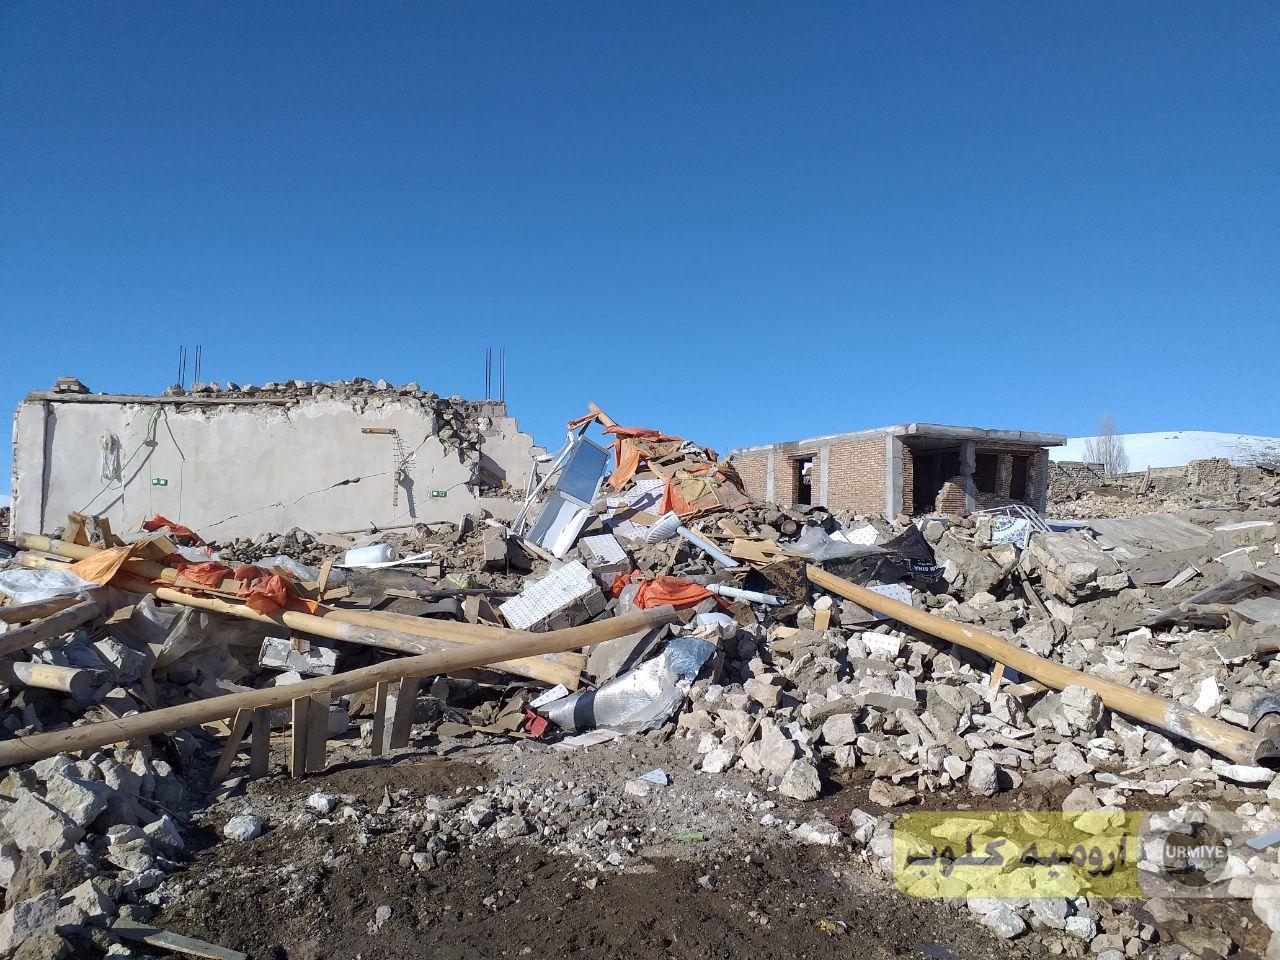 هزاران زلزلهزده قطور خوی قربانی کرونای بیتفاوتی رسانهای!